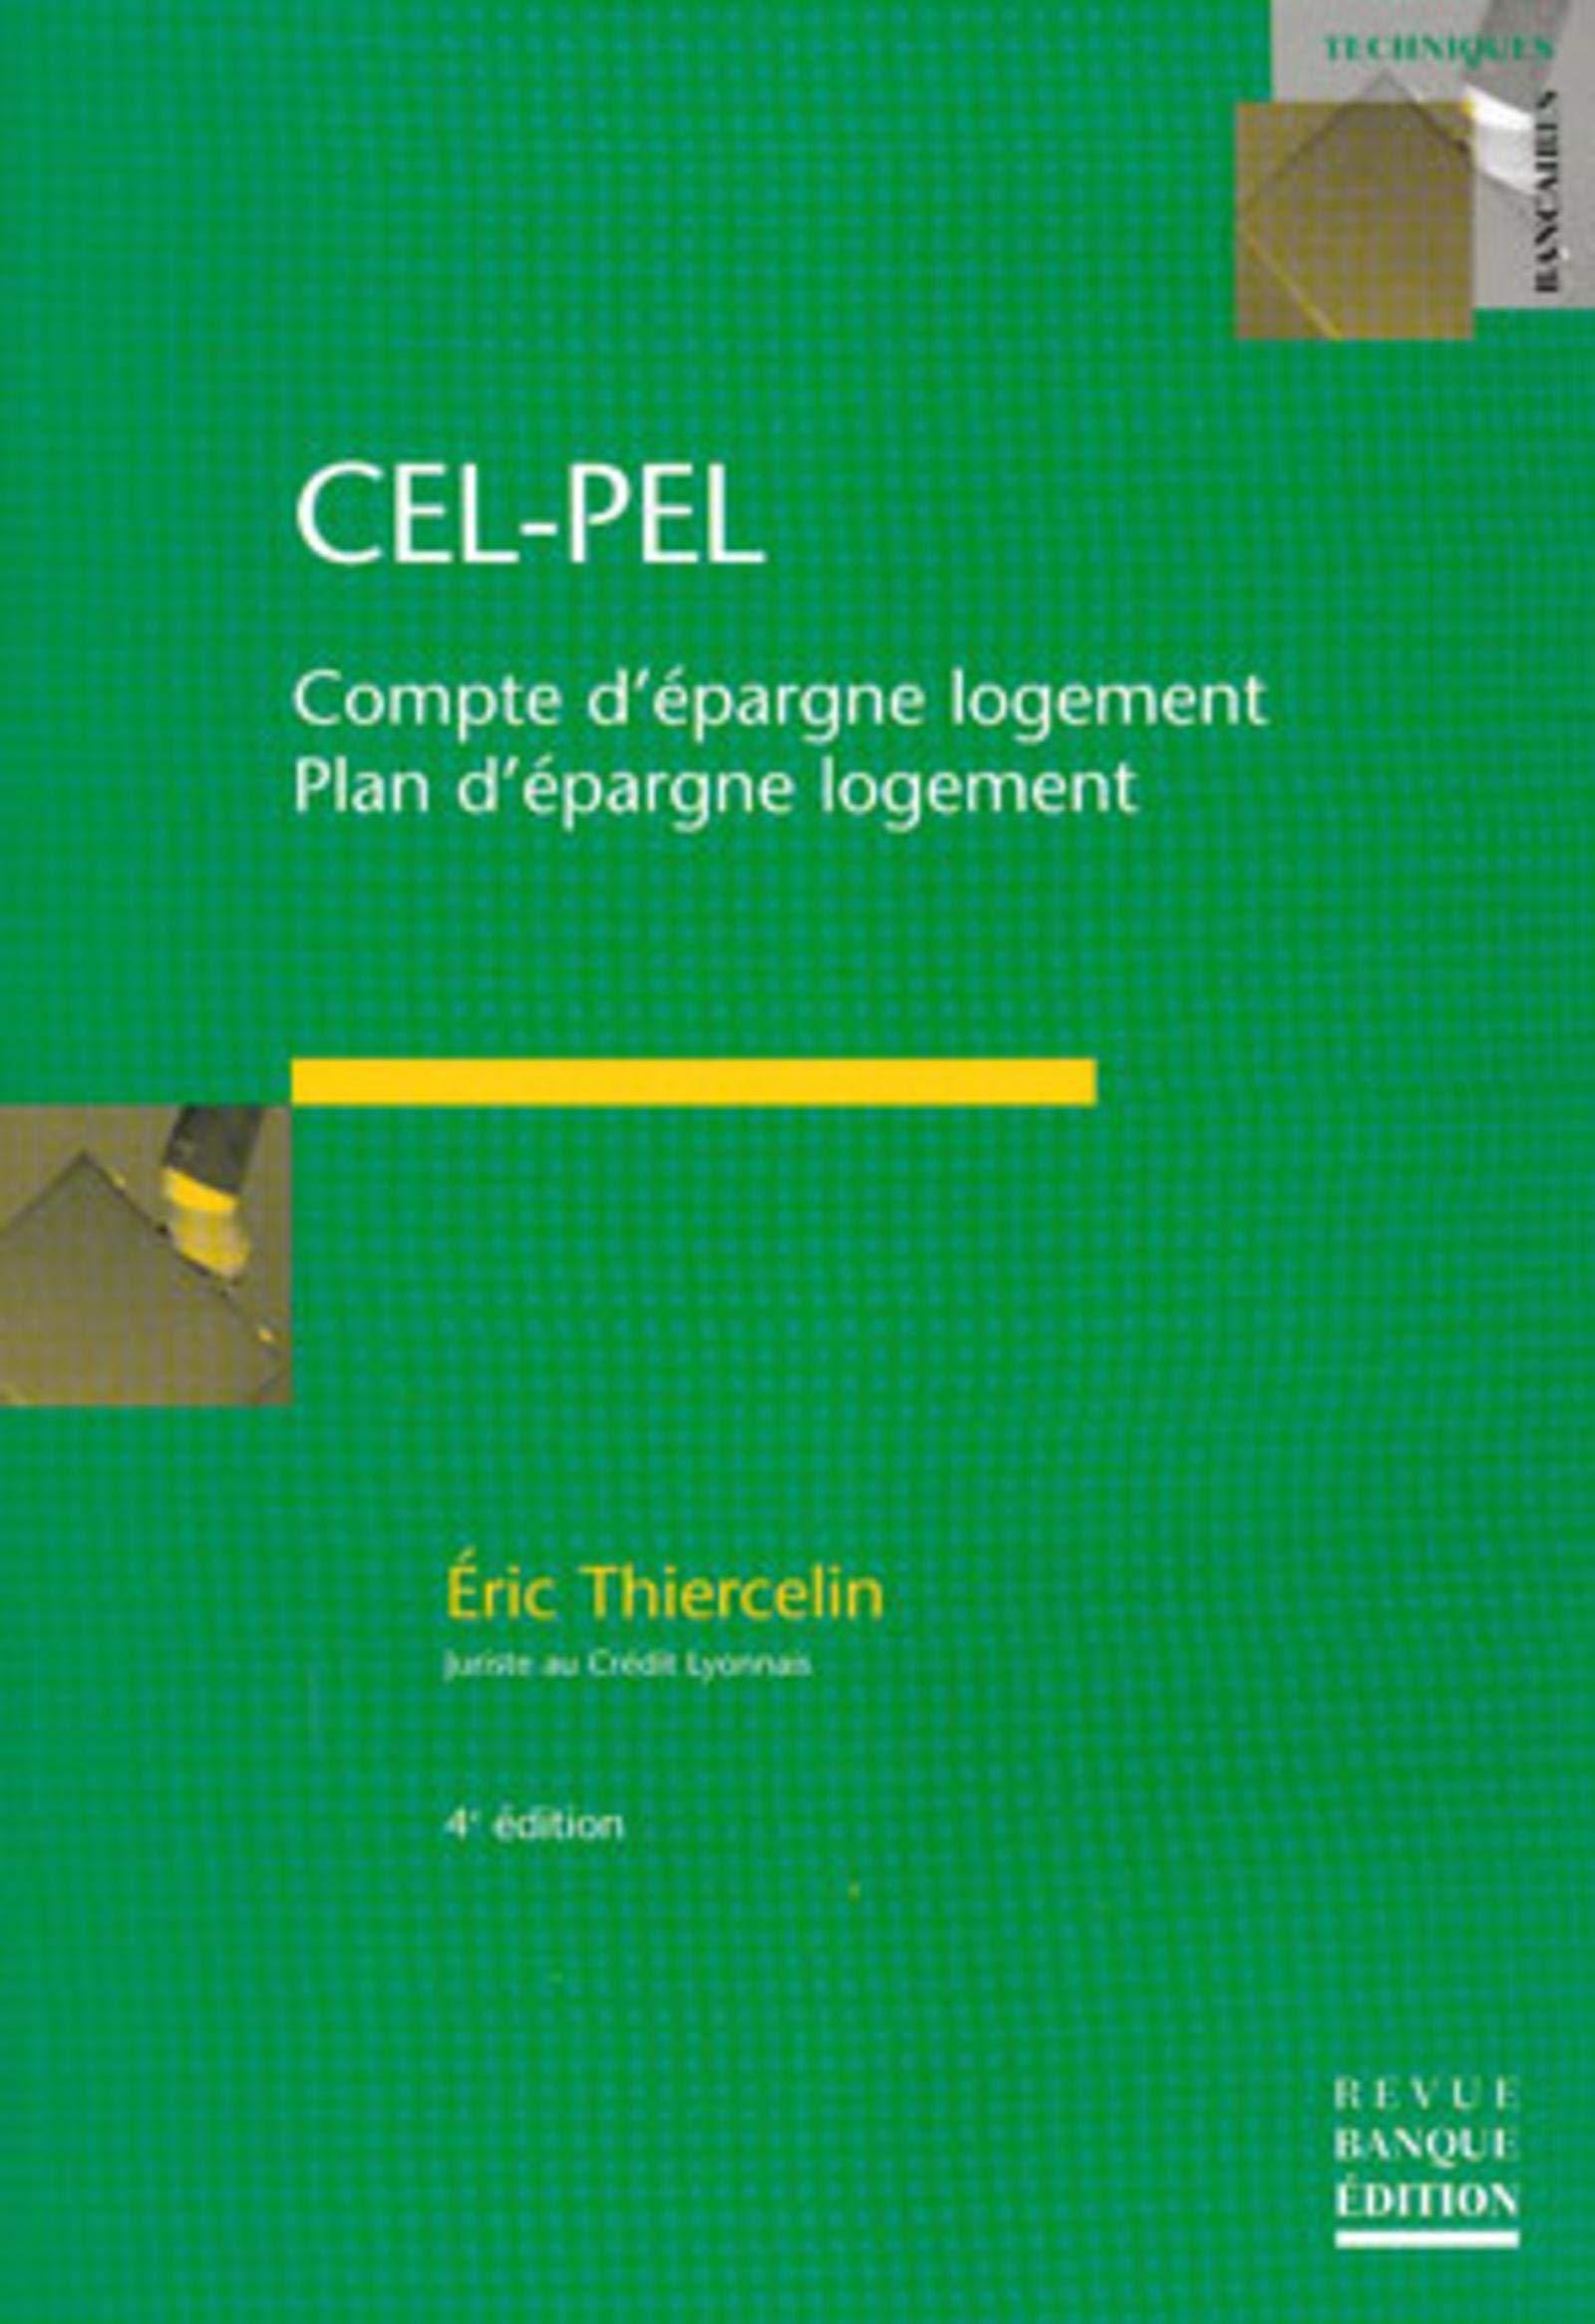 Cel Pel Comptes D Epargne Logement Plan D Epargne Logement Revue Banque Thiercelin Eric 9782863253670 Amazon Com Books